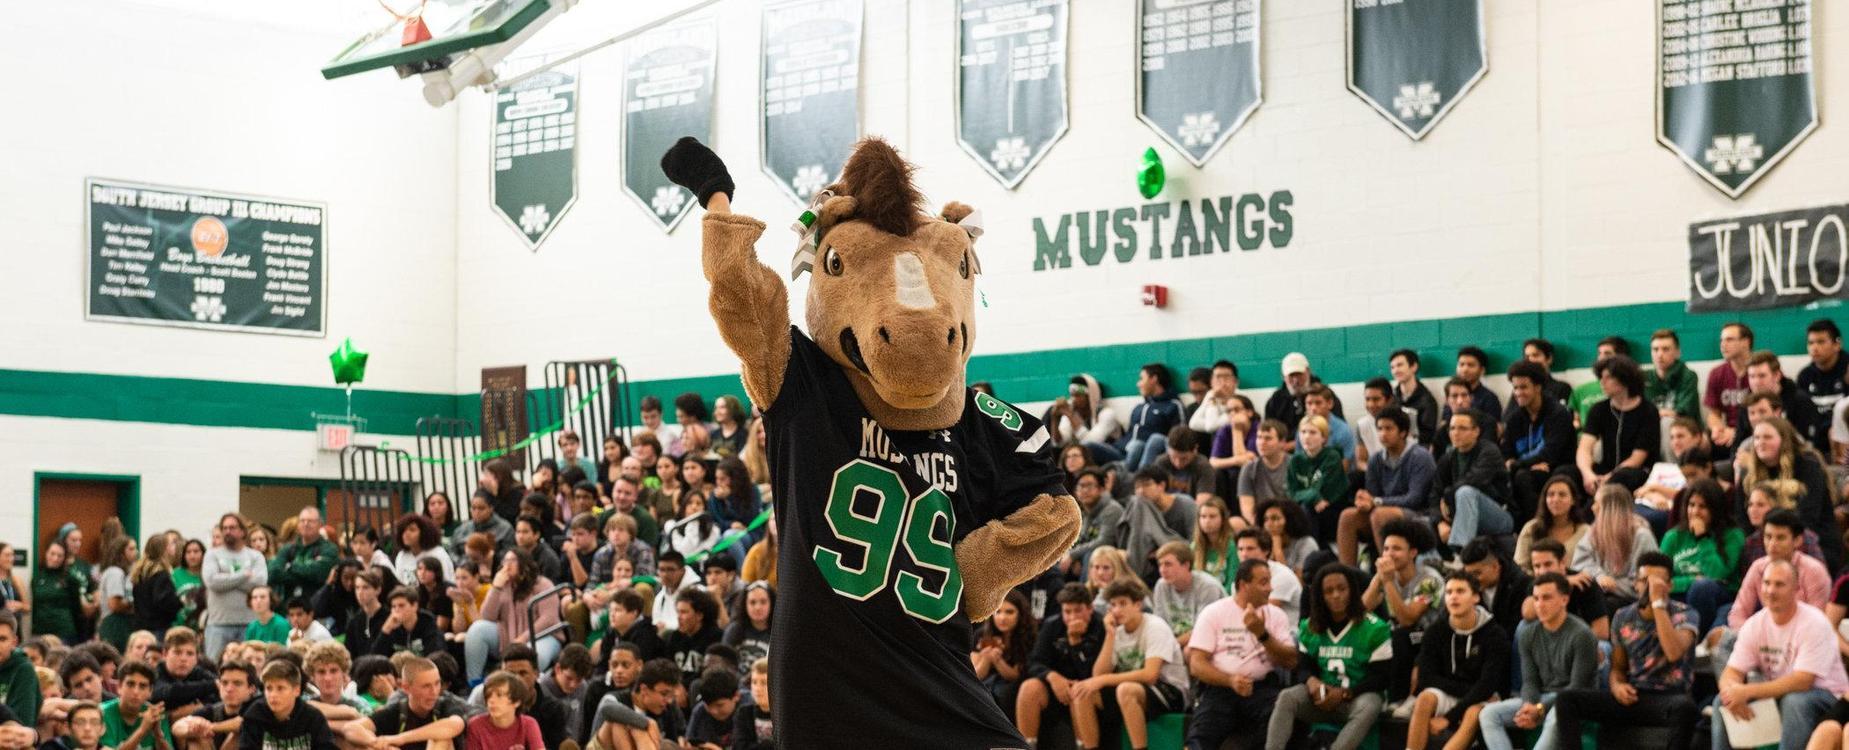 Mustang school spirit